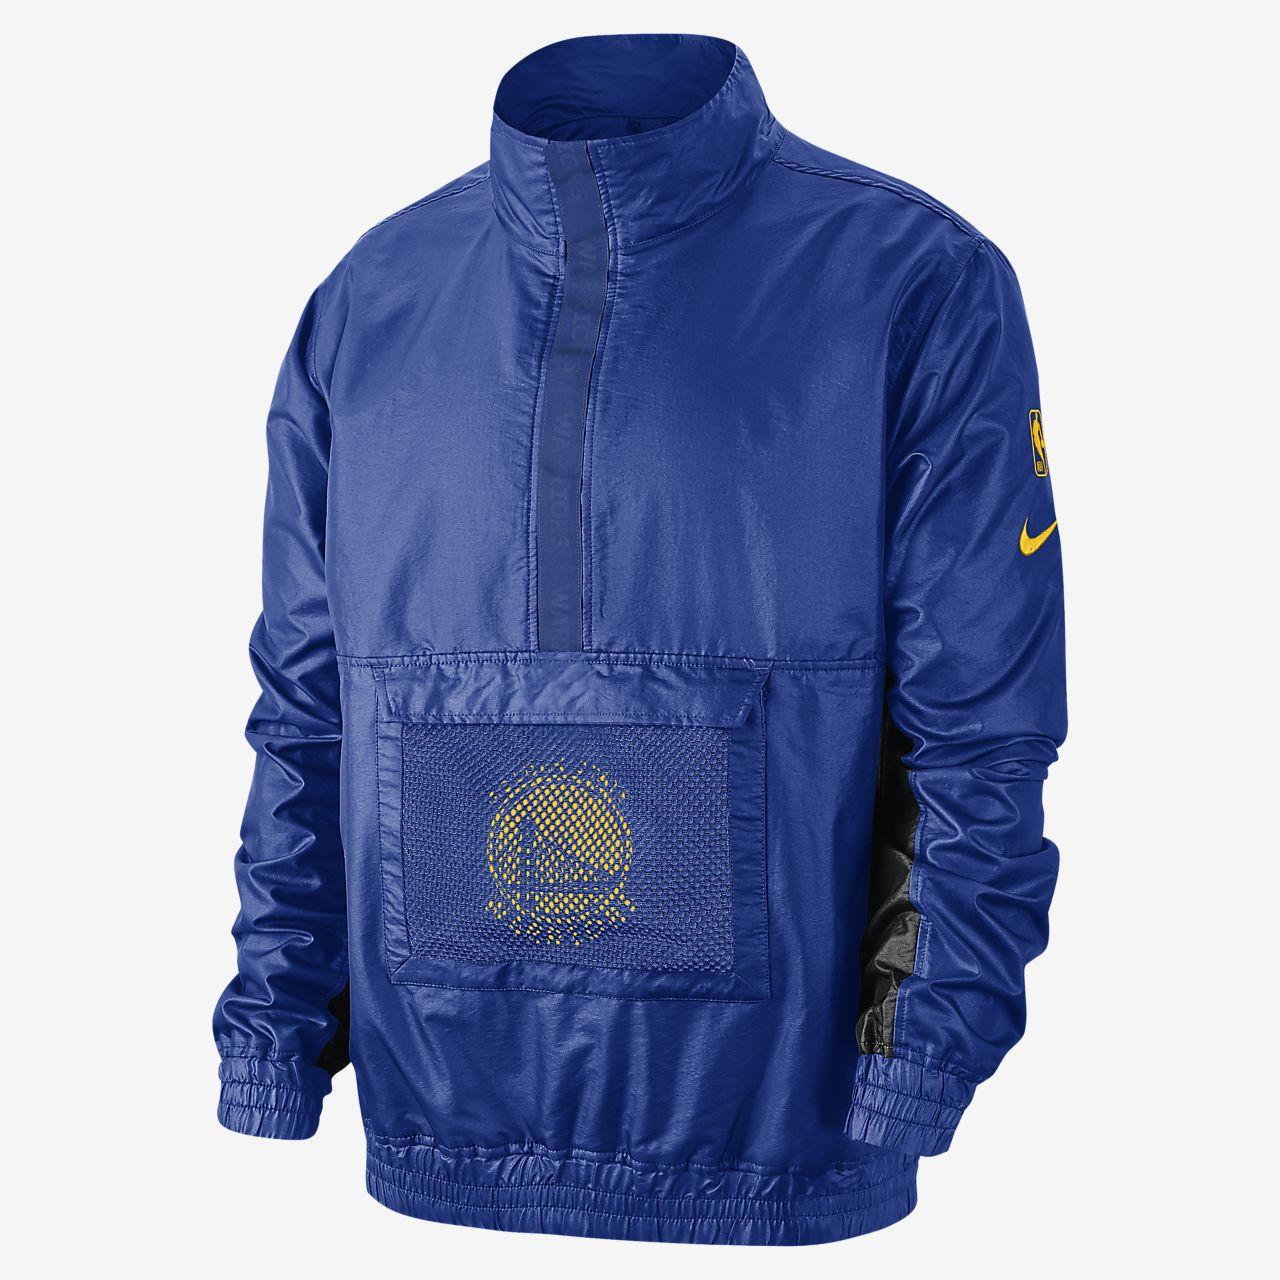 Golden State Warriors Nike Jaqueta lleugera de l'NBA - Home